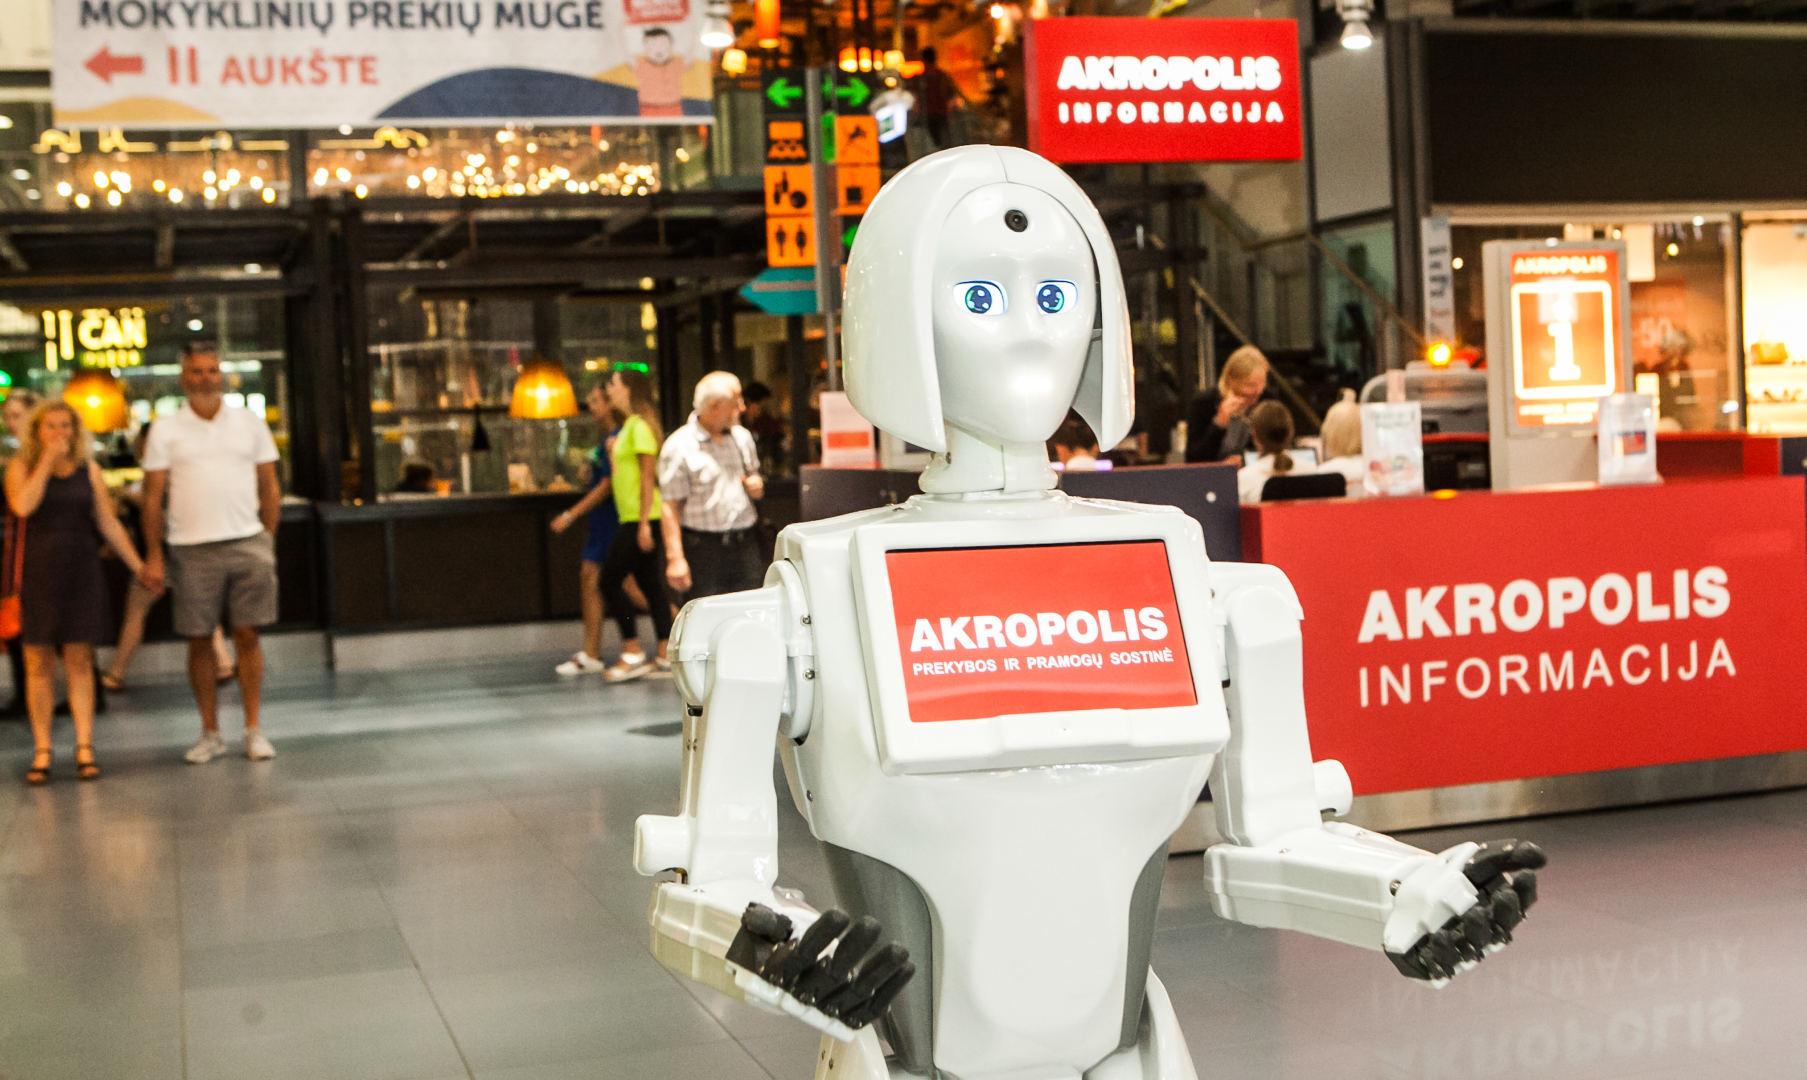 peržiūri prekybos robotą